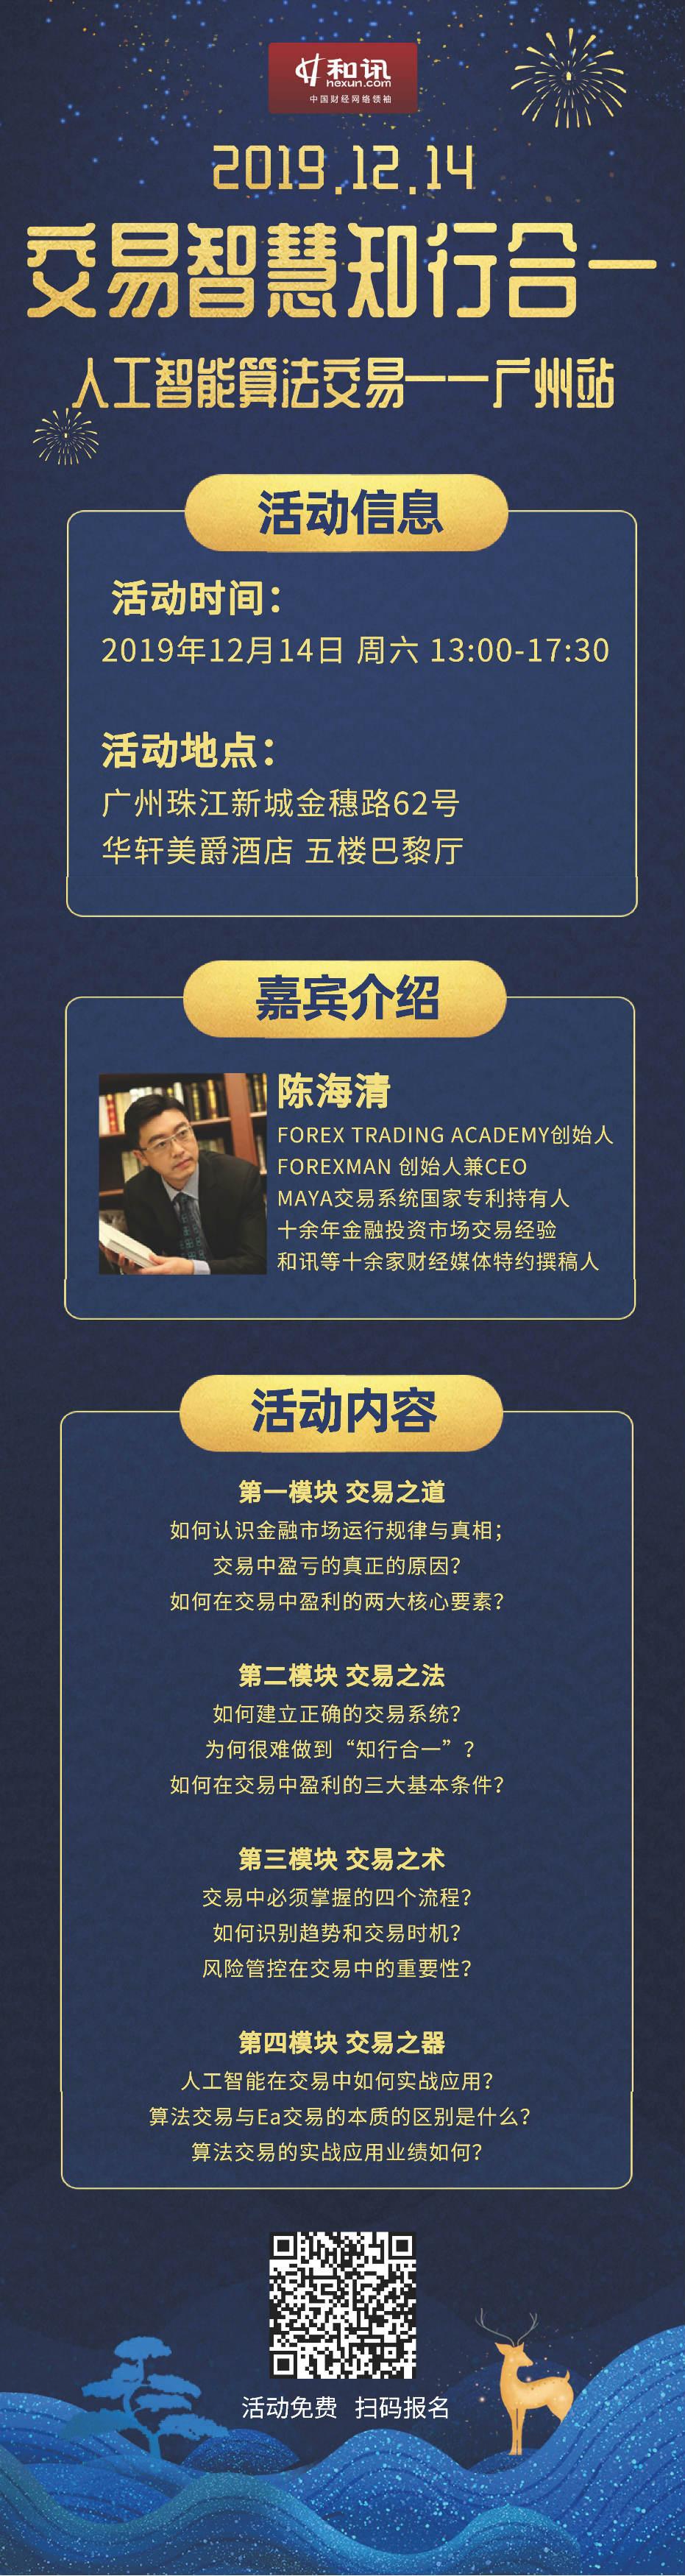 【活动报名中】和讯外汇线下沙龙广州站周六见!